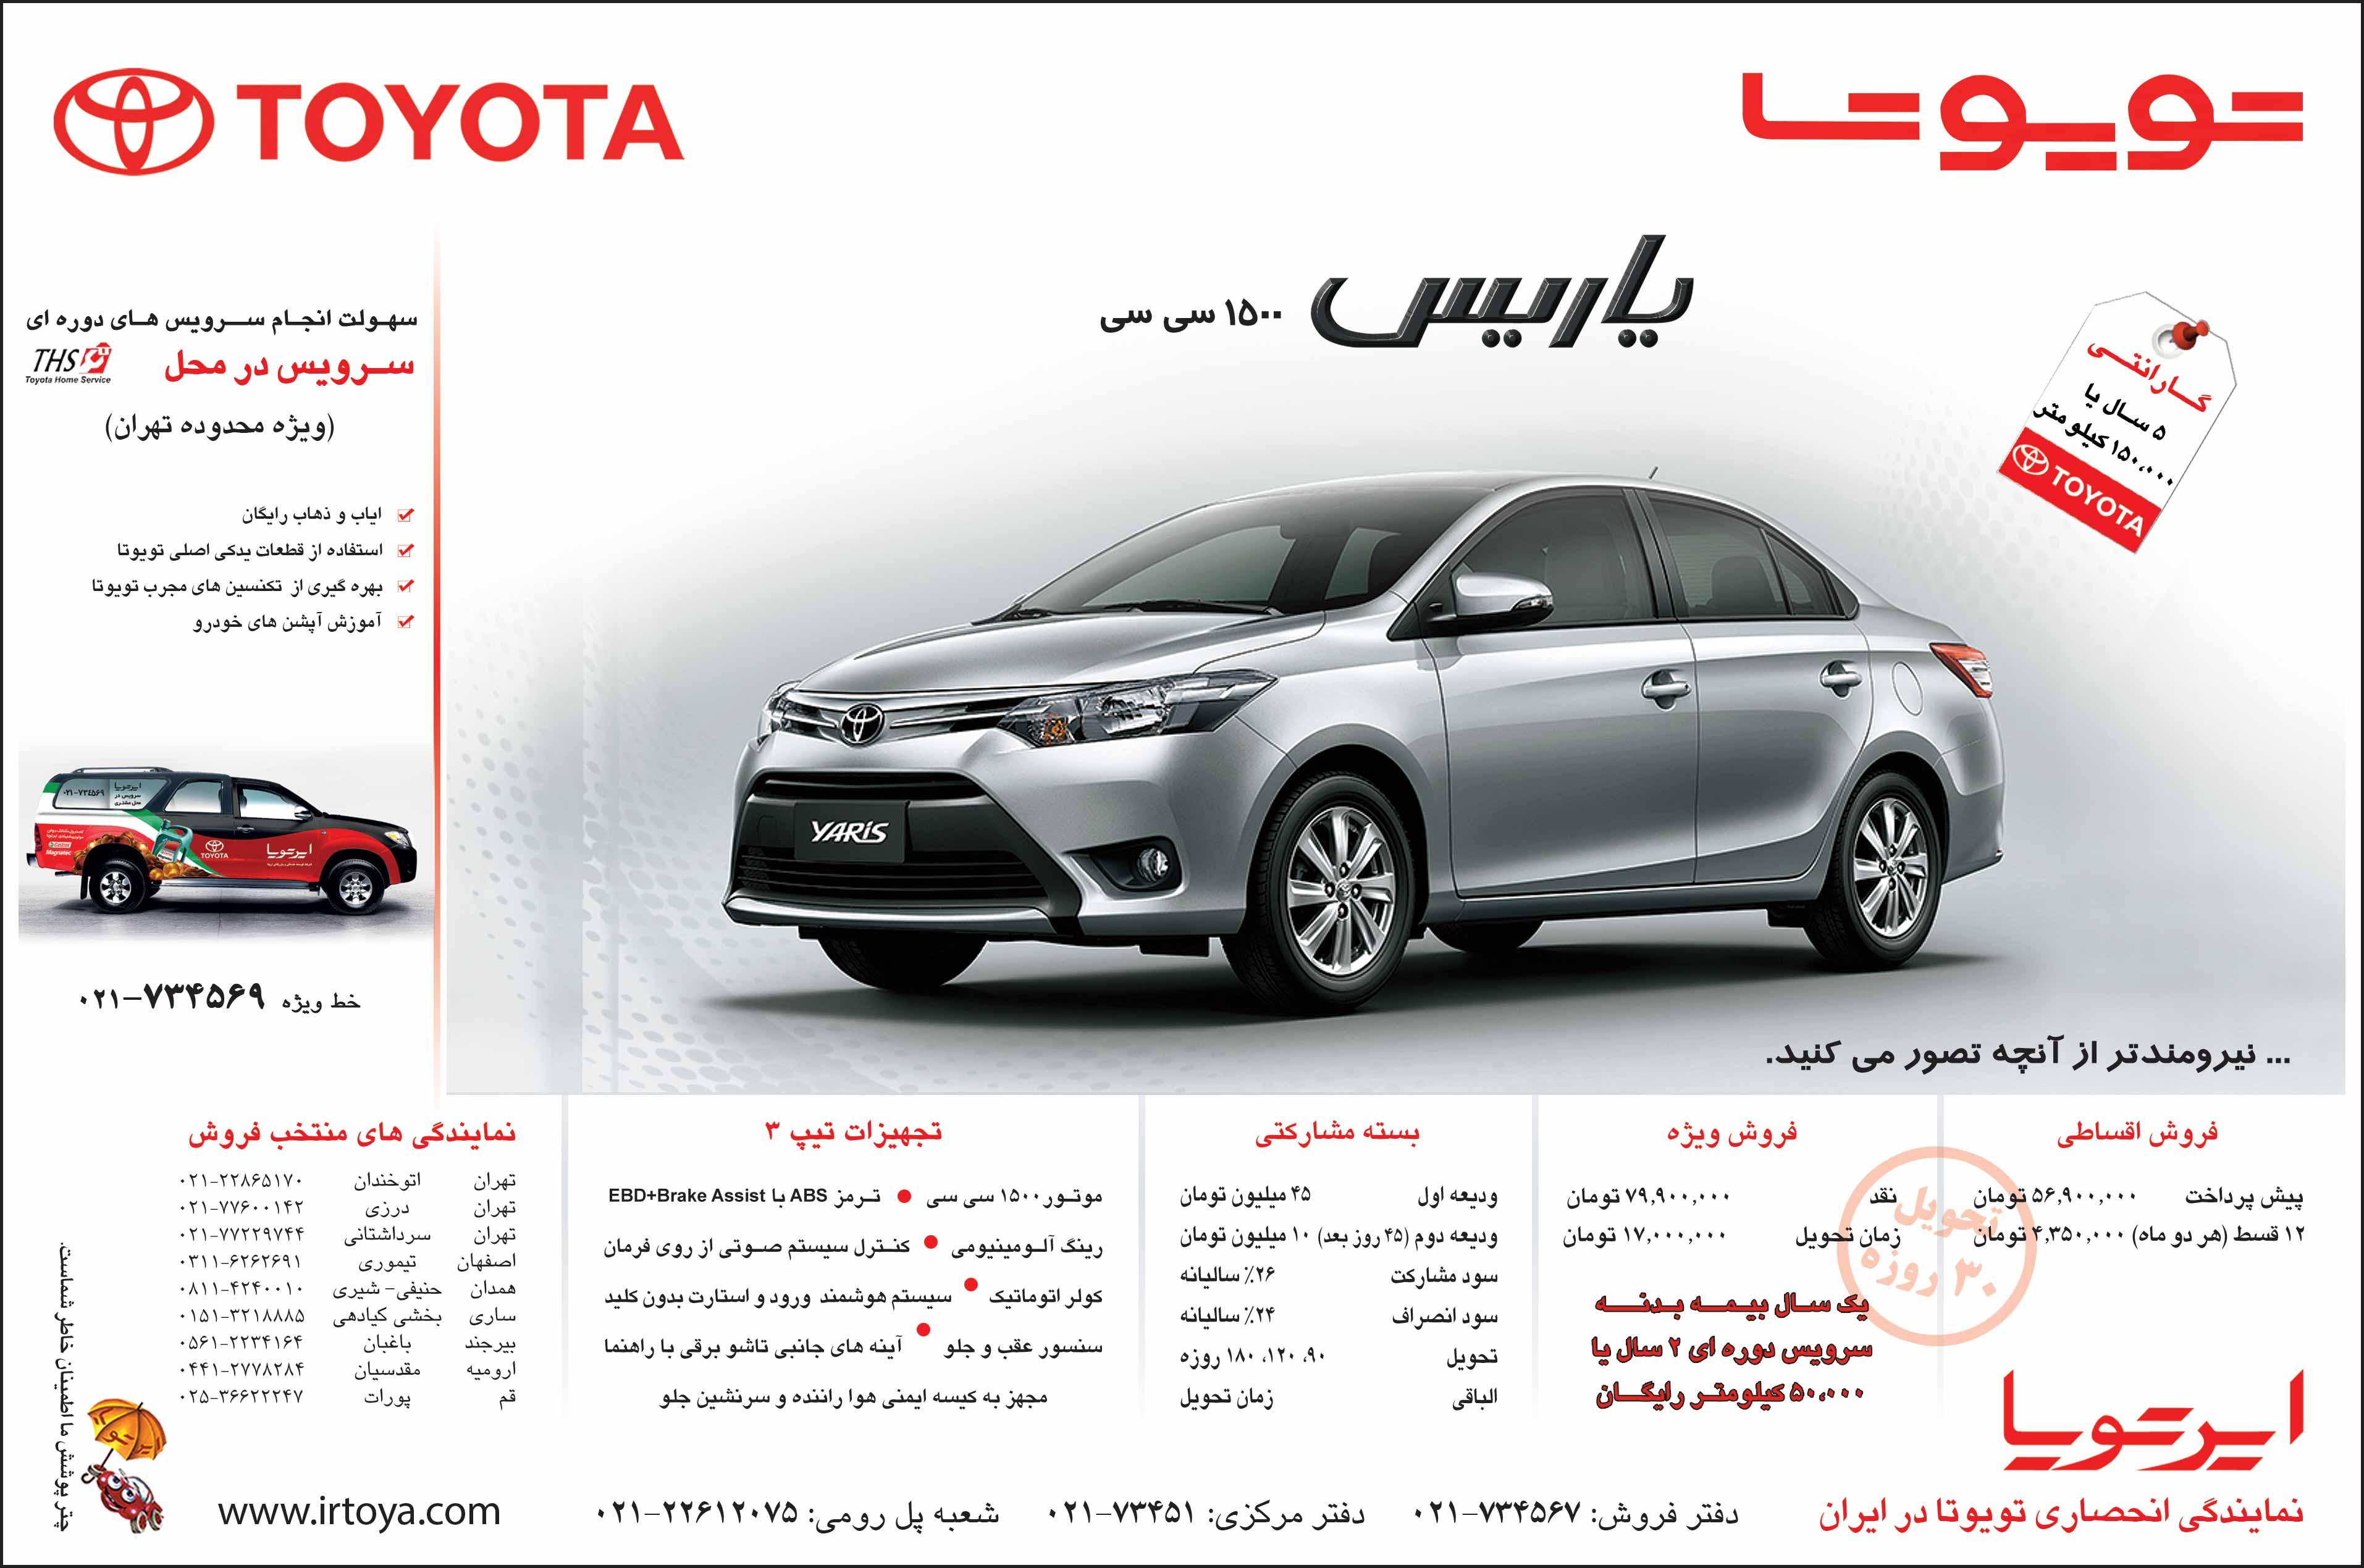 قیمت ماشین یاریس 2016